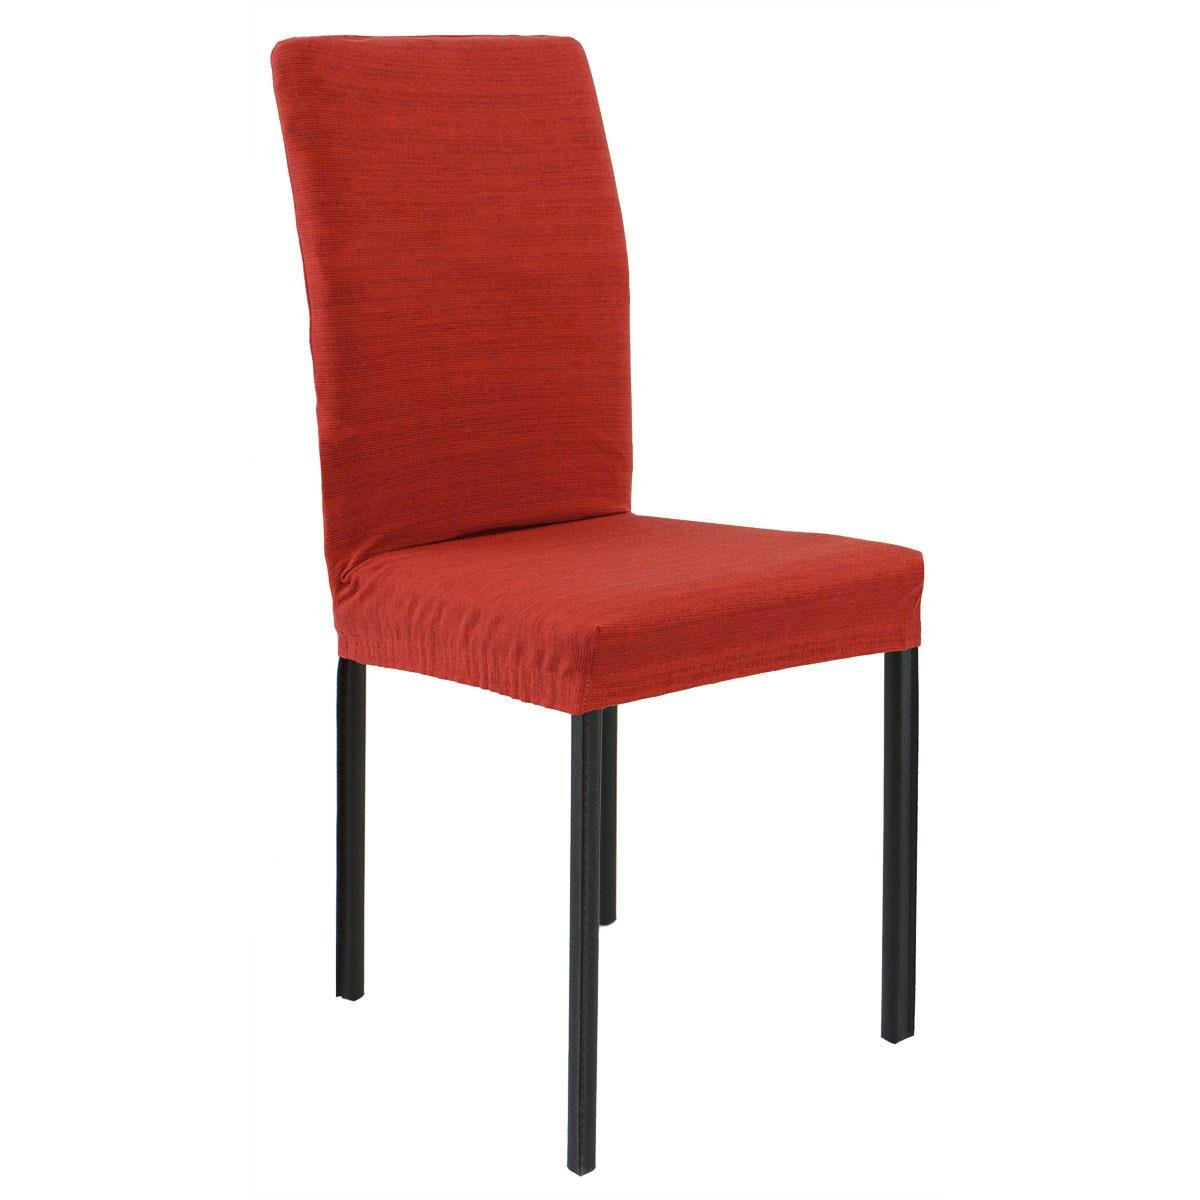 Joker Coprisedia vesti sedia Antimacchia elasticizzato 2 pezzi linea Sky N089 ACCIAIO Carillo